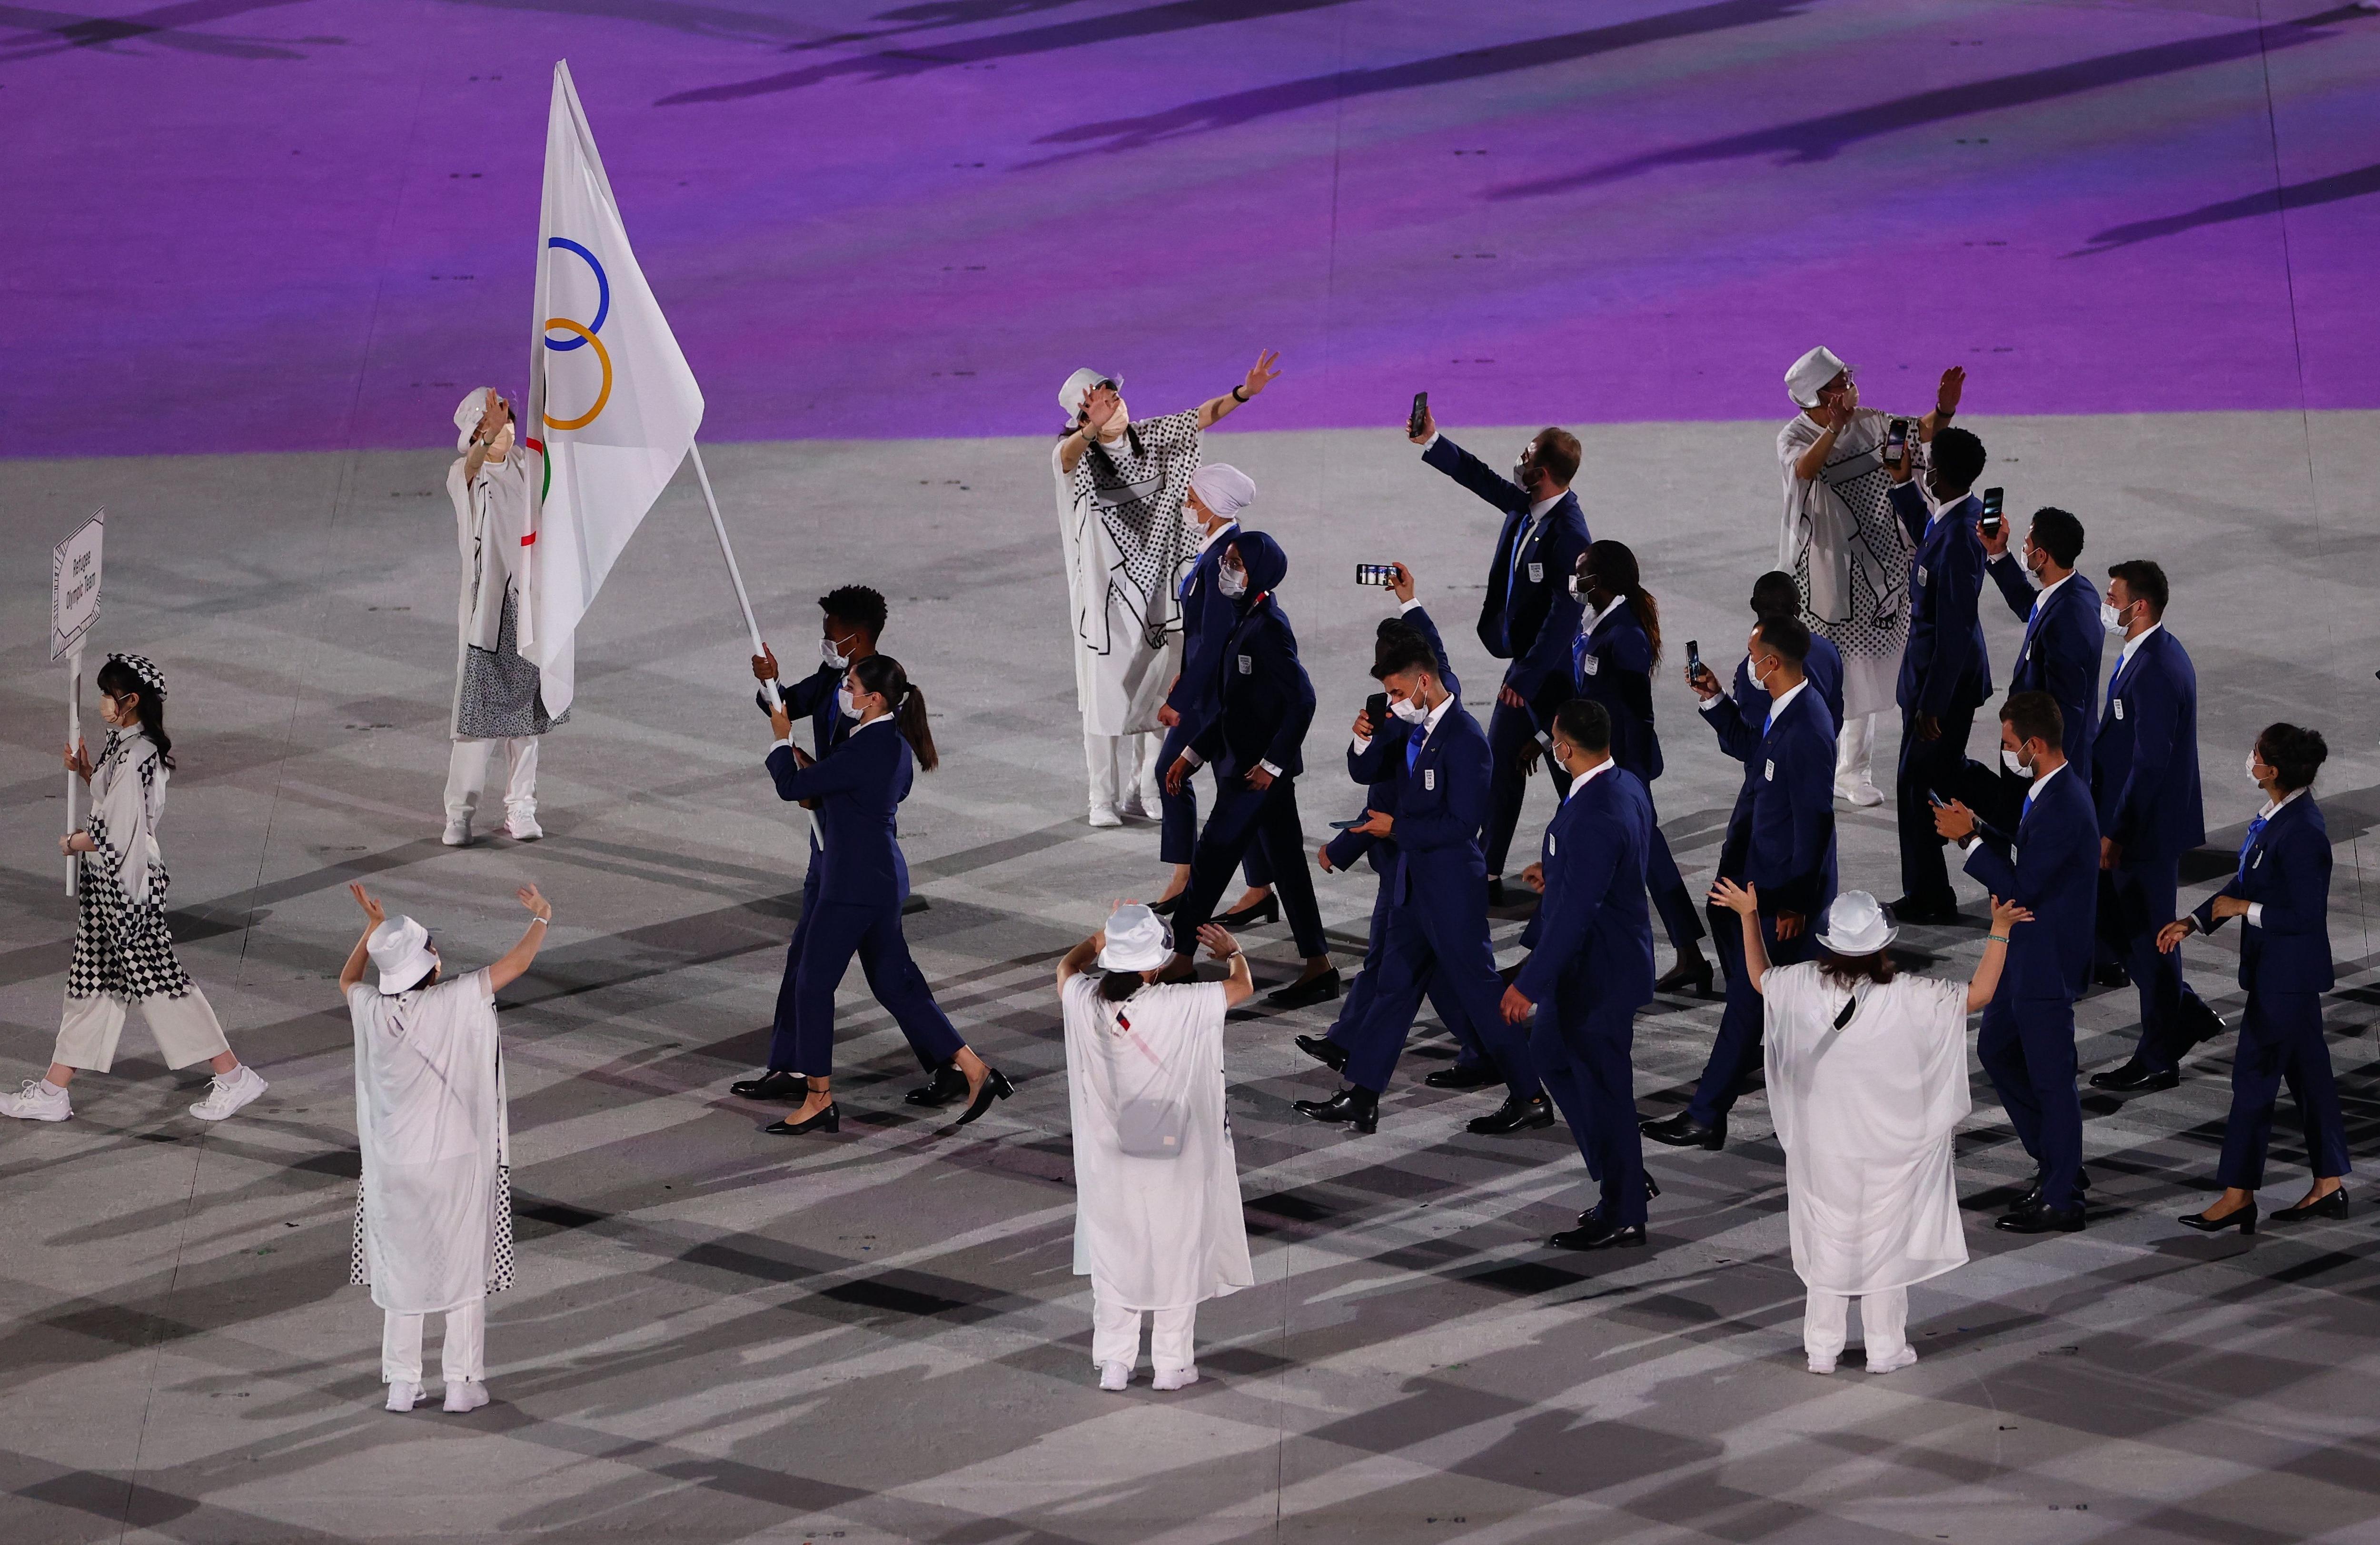 El equipo olímpico de refugiados, presente en Tokio 2020 (REUTERS/Marko Djurica)